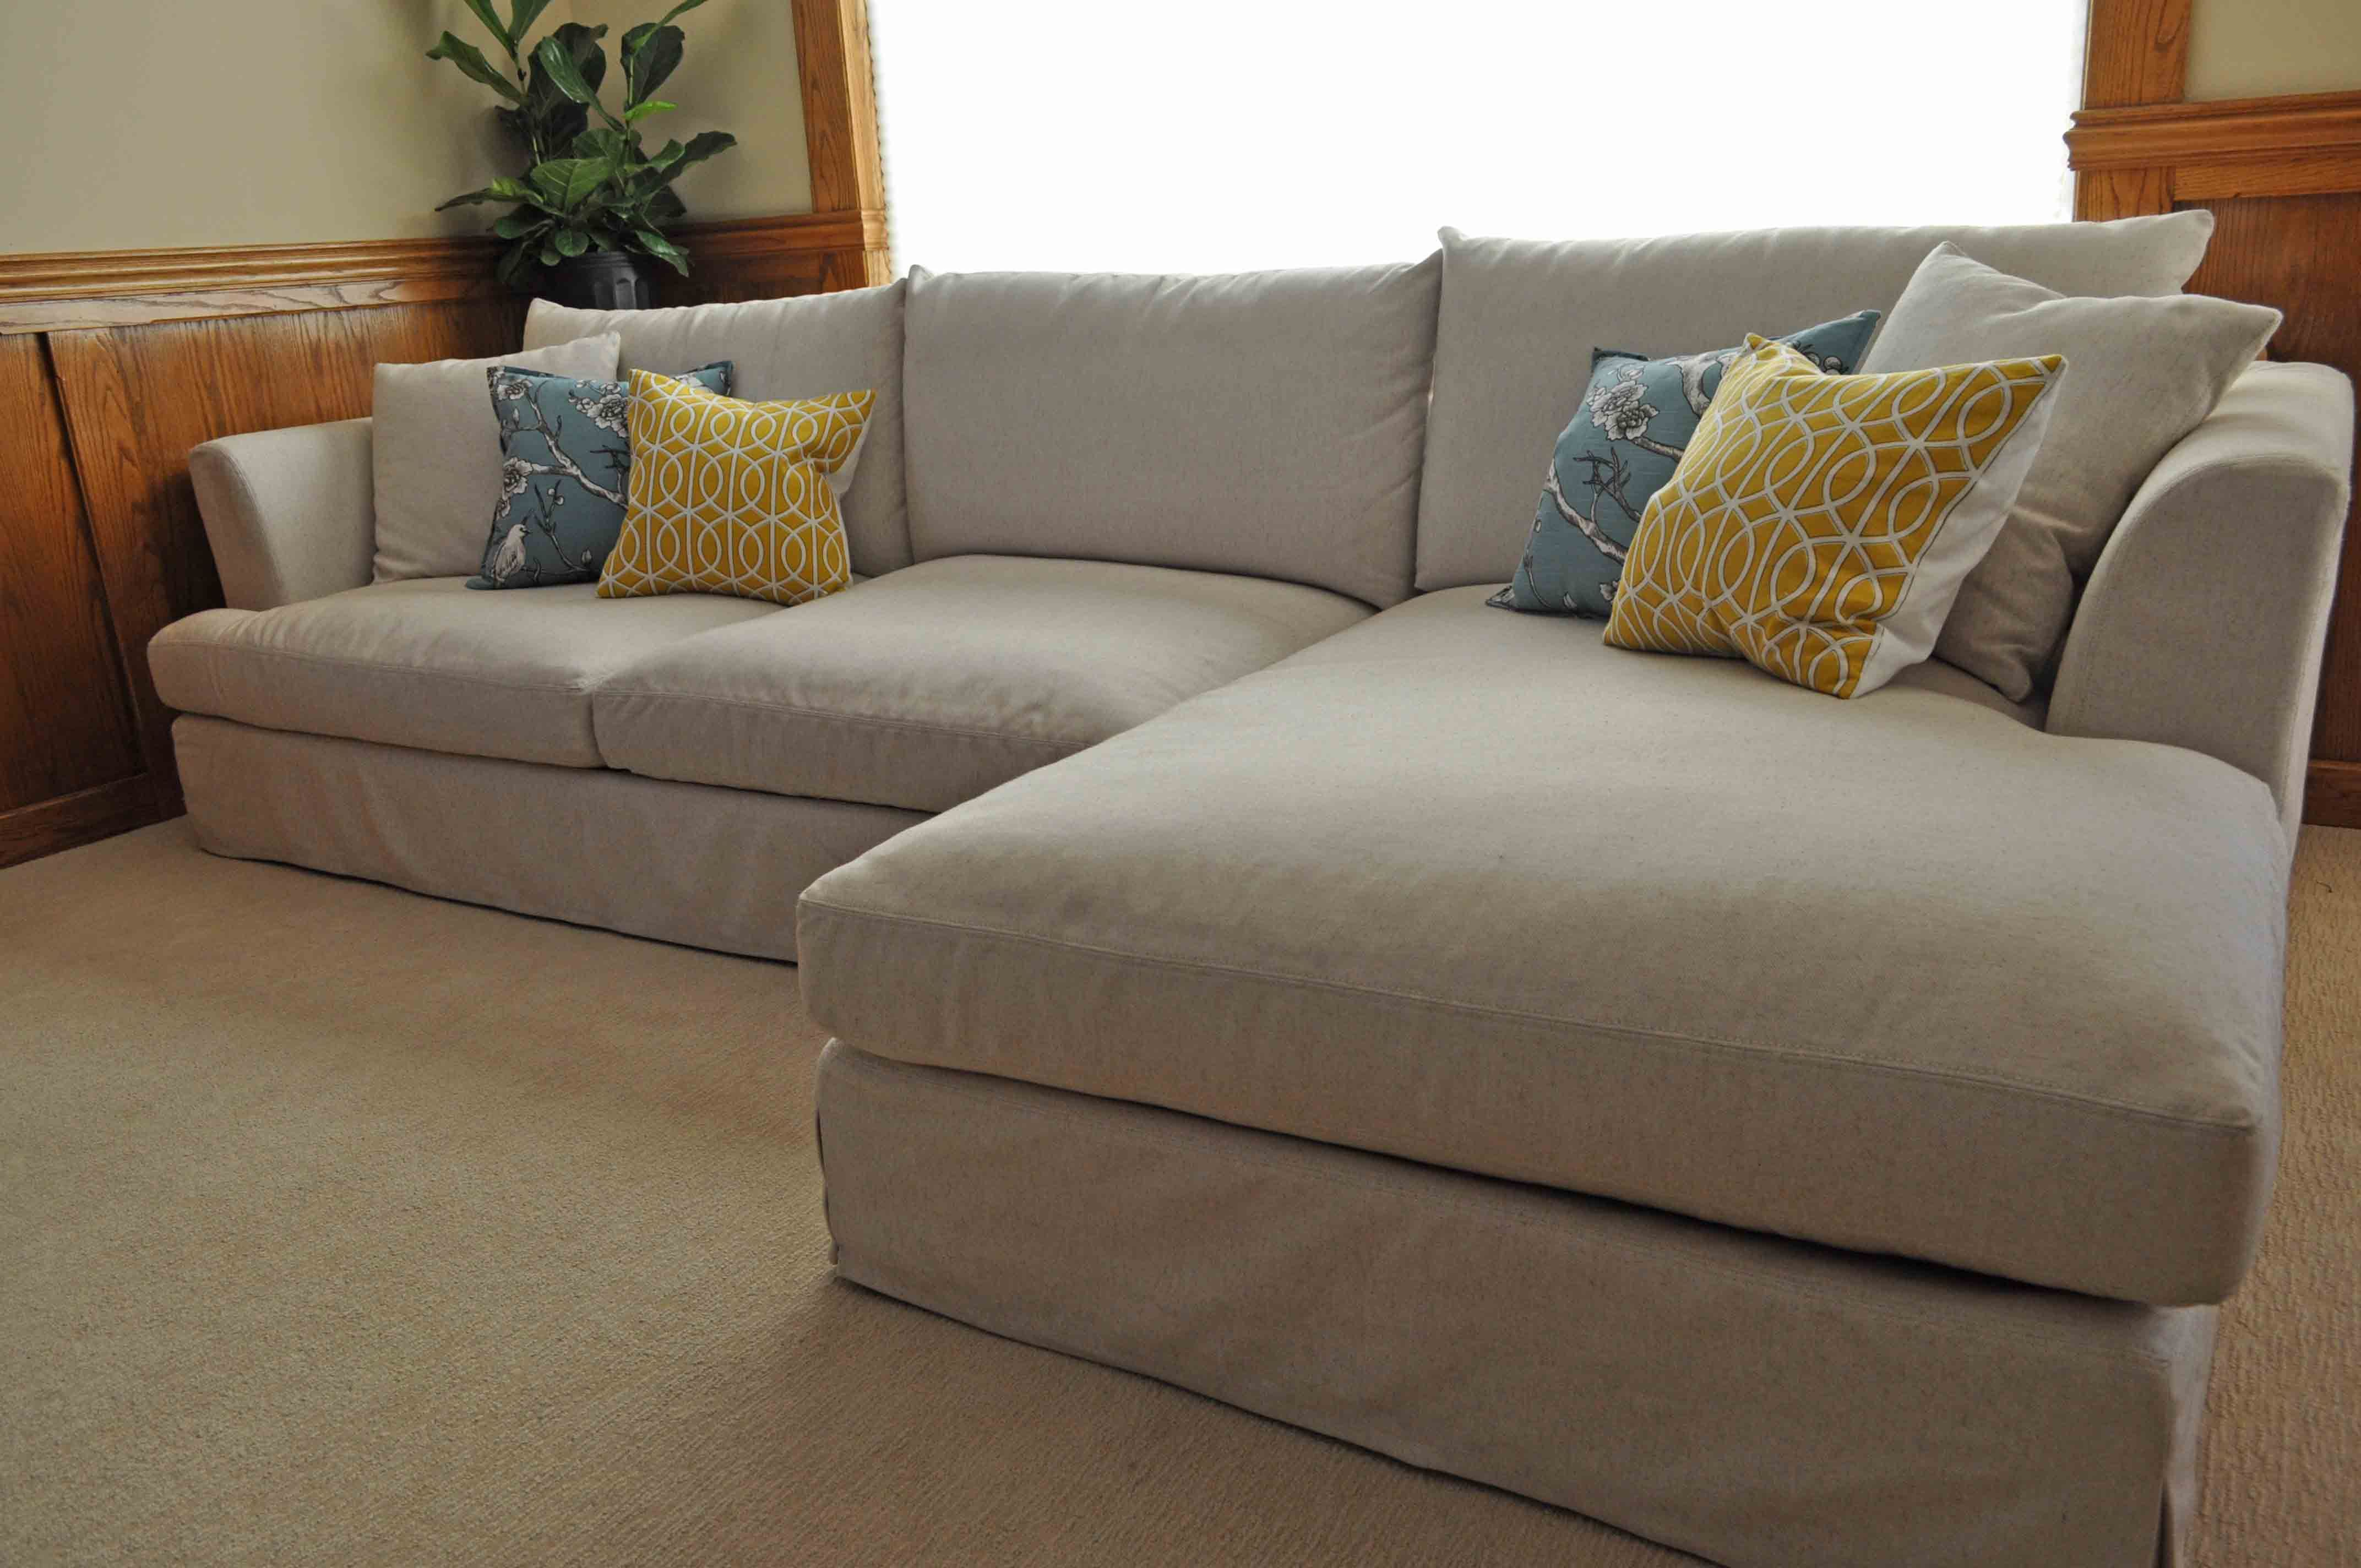 large overstuffed sofas belgian classic slope arm slipcovered sofa clic oversized corner